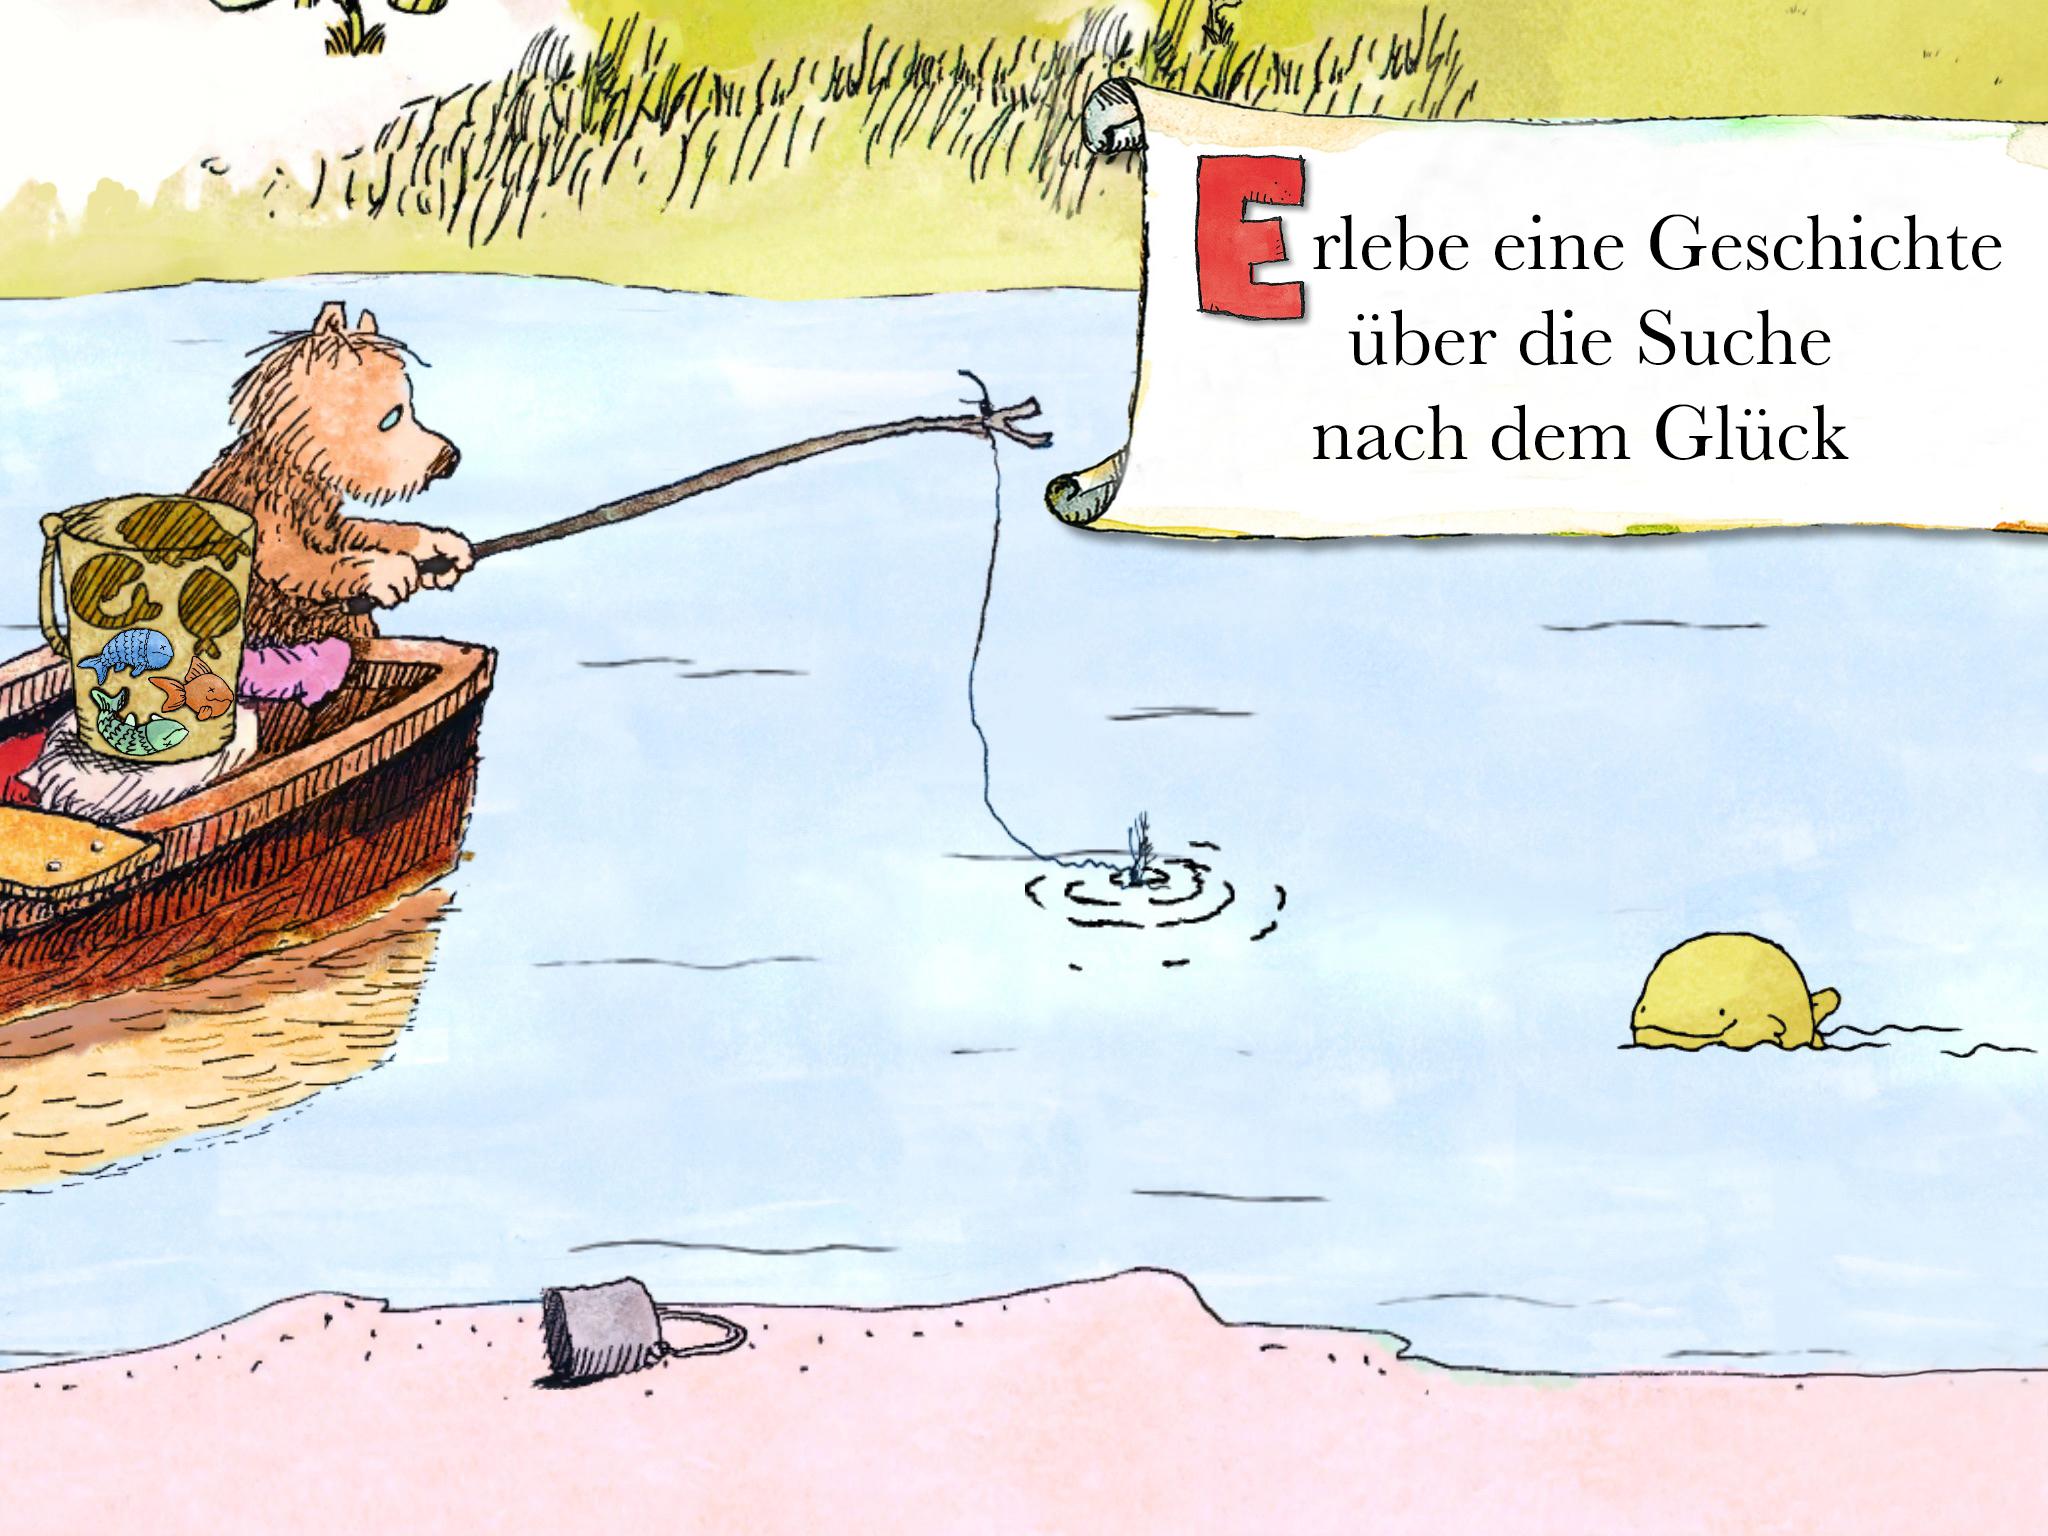 """Screenshot: Gezeichnete Szene, in der der kleine Bär aus einem Boot heraus fischt. Neben ihm steht ein Eimer mit Fischen. Rechts oben steht """"Erlebe eine Geschichte über die Suche nach dem Glück"""""""